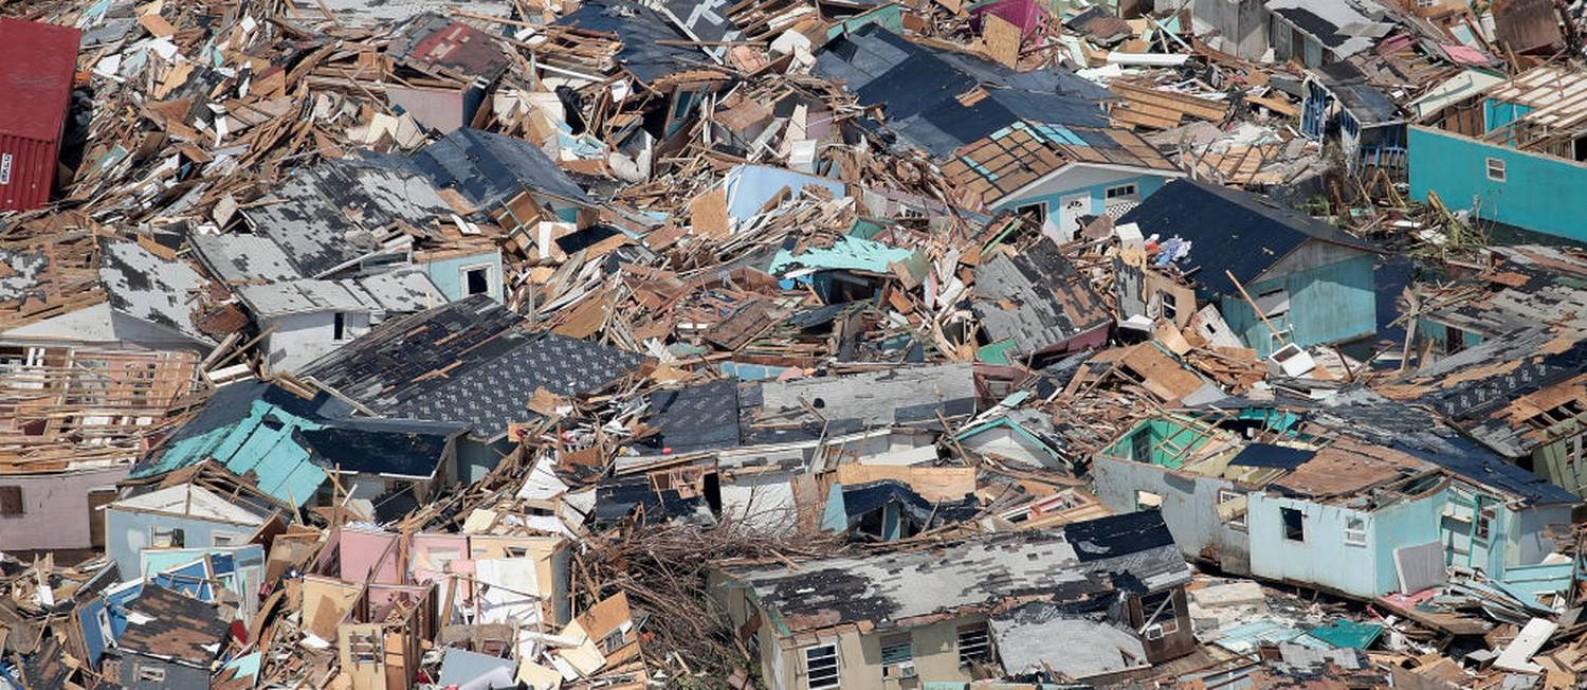 Destruição causada pelo furacão Dorian na ilha de Grande Abaco, nas Bahamas Foto: Scott Olson / Getty Images